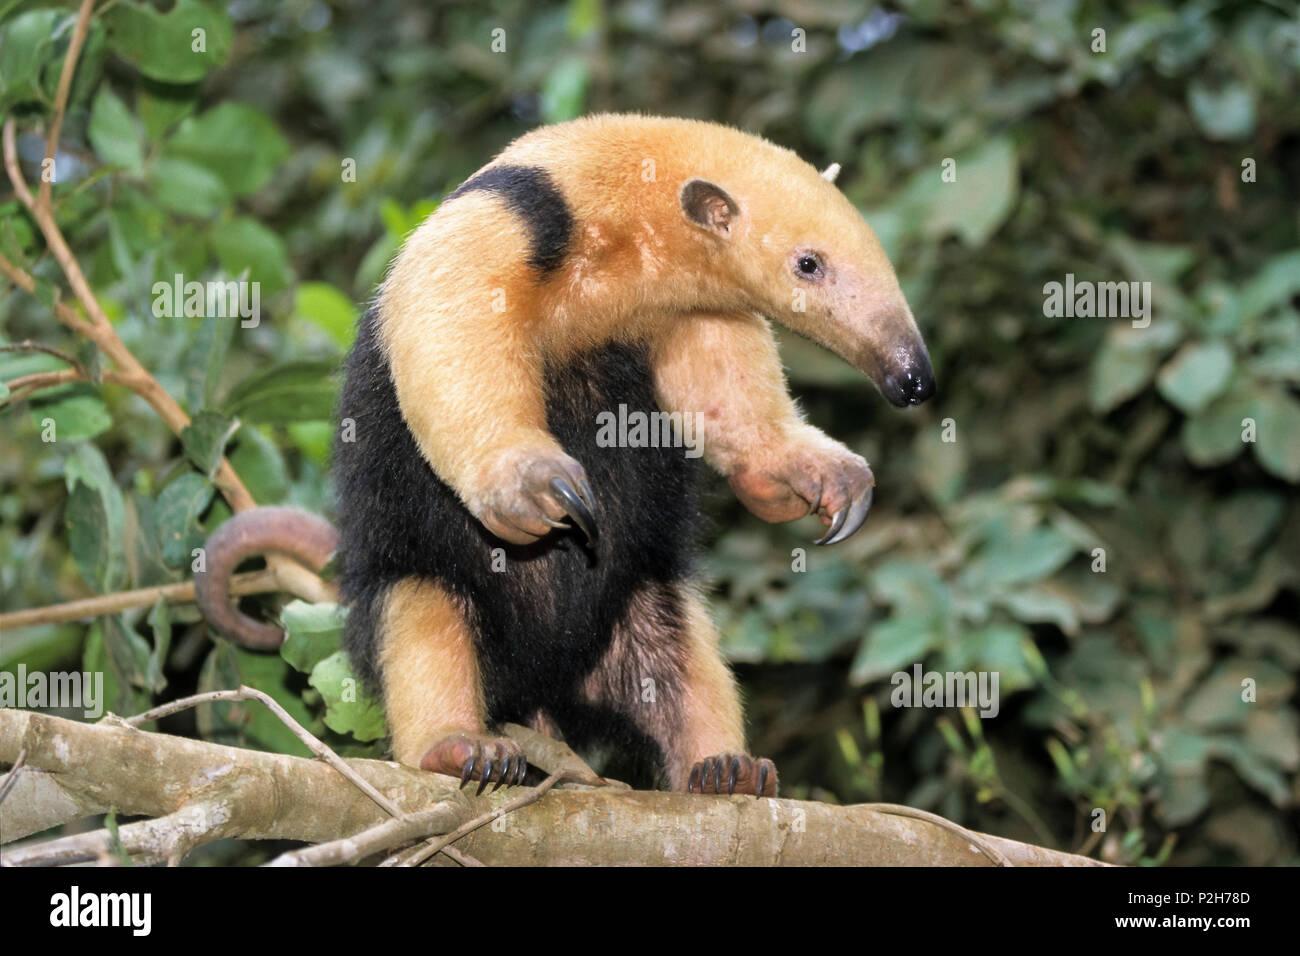 Tamandua, Tamandua tridactyla, Pantanal, Brasil, South America - Stock Image